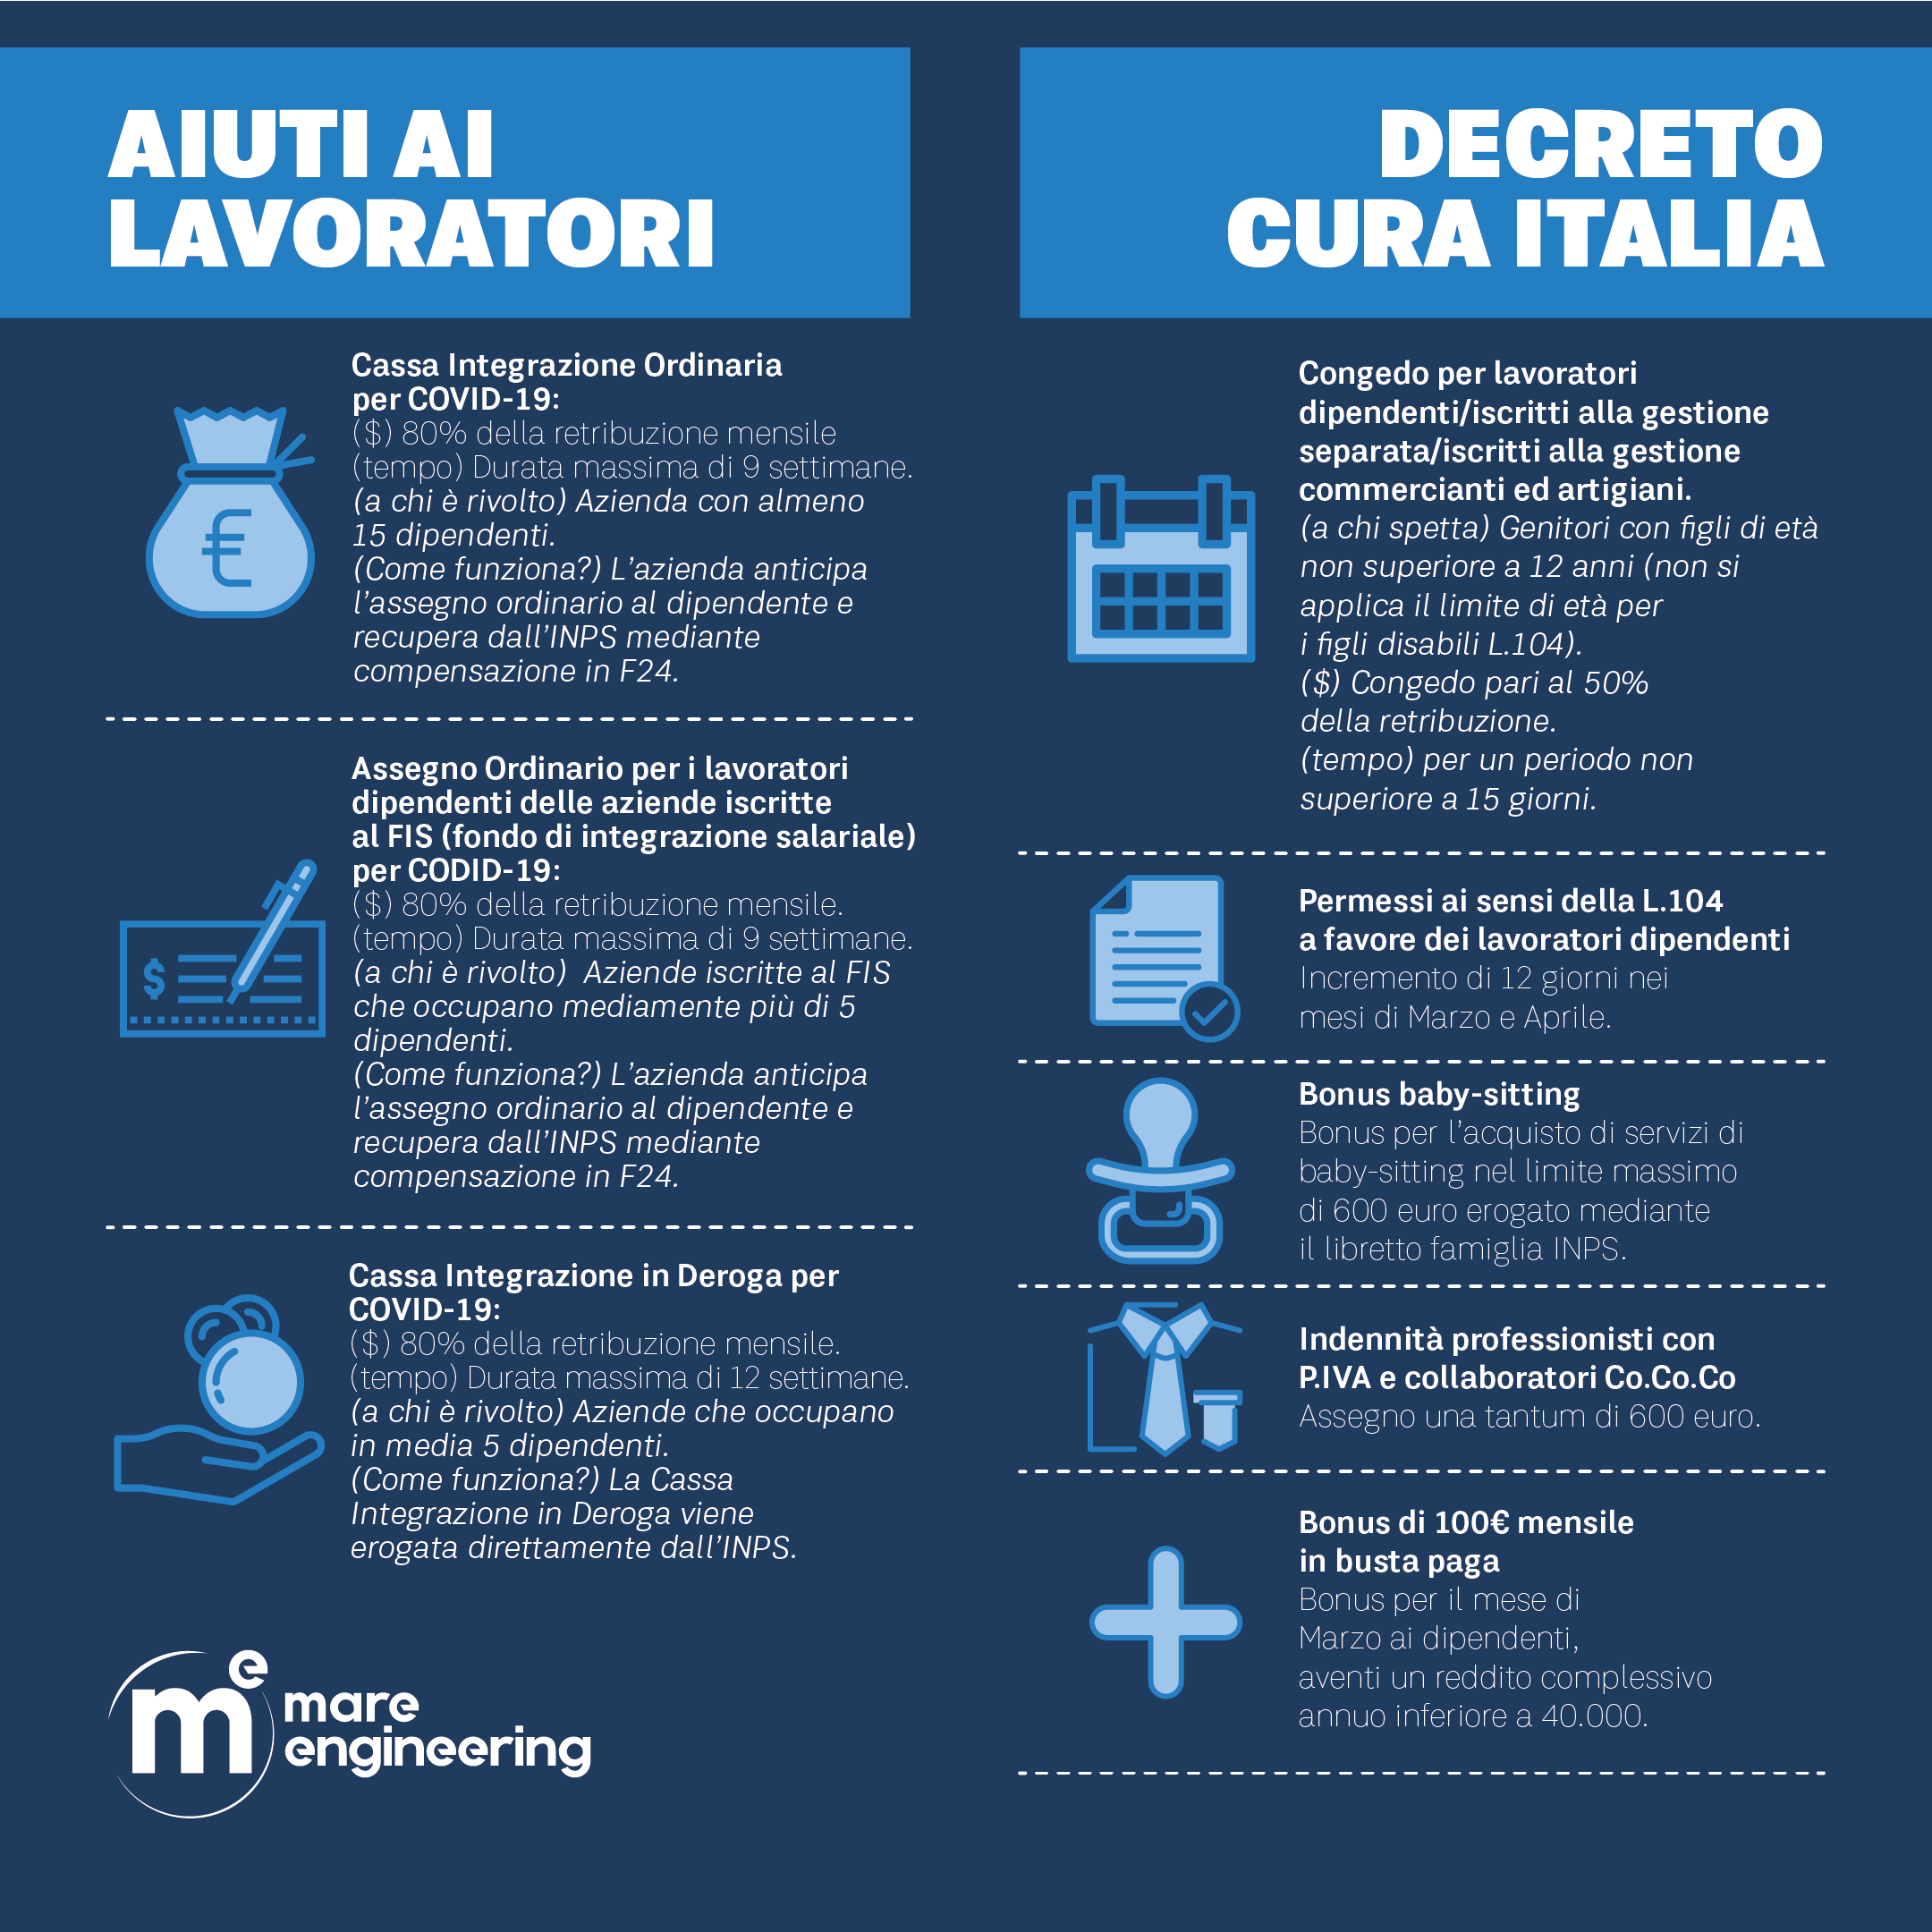 Decreto Cura Italia Aiuti ai lavoratori